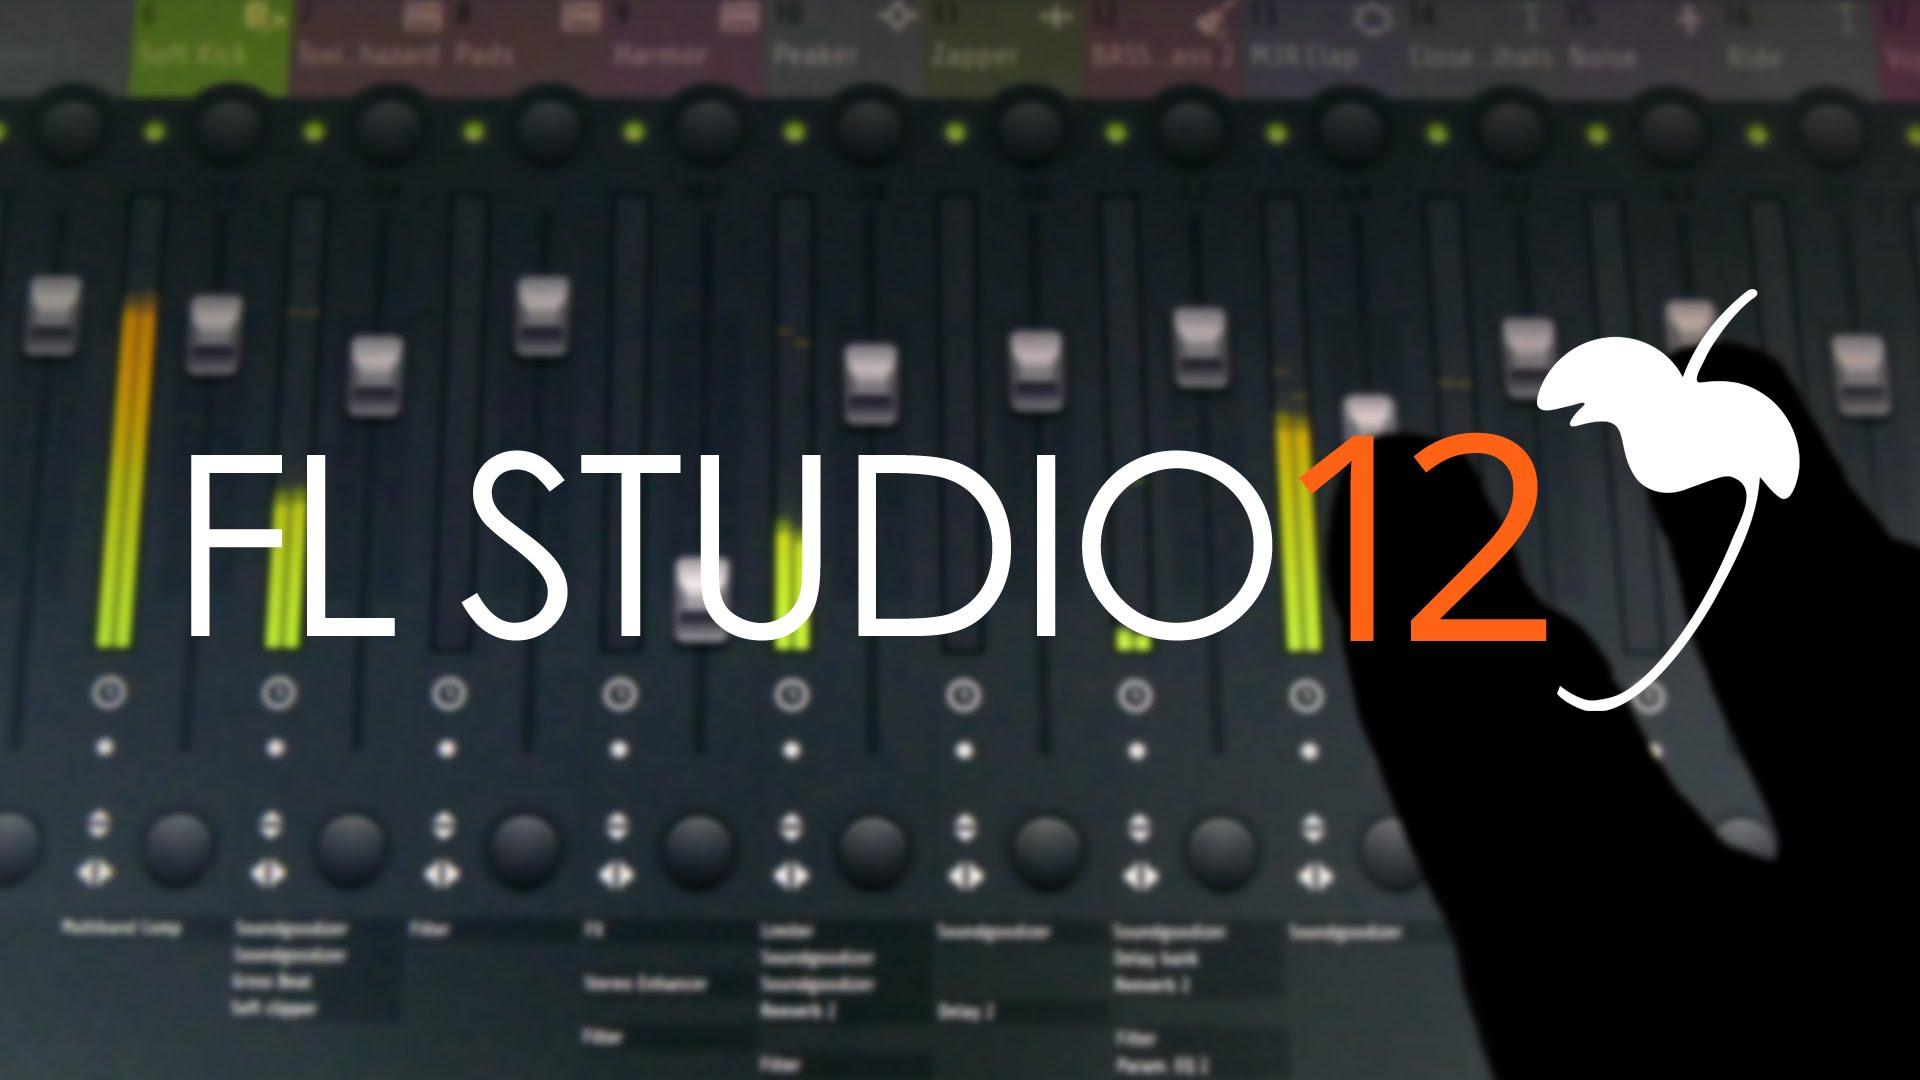 دانلود رایگان اف ال استودیو 12 با لینک مستقیم